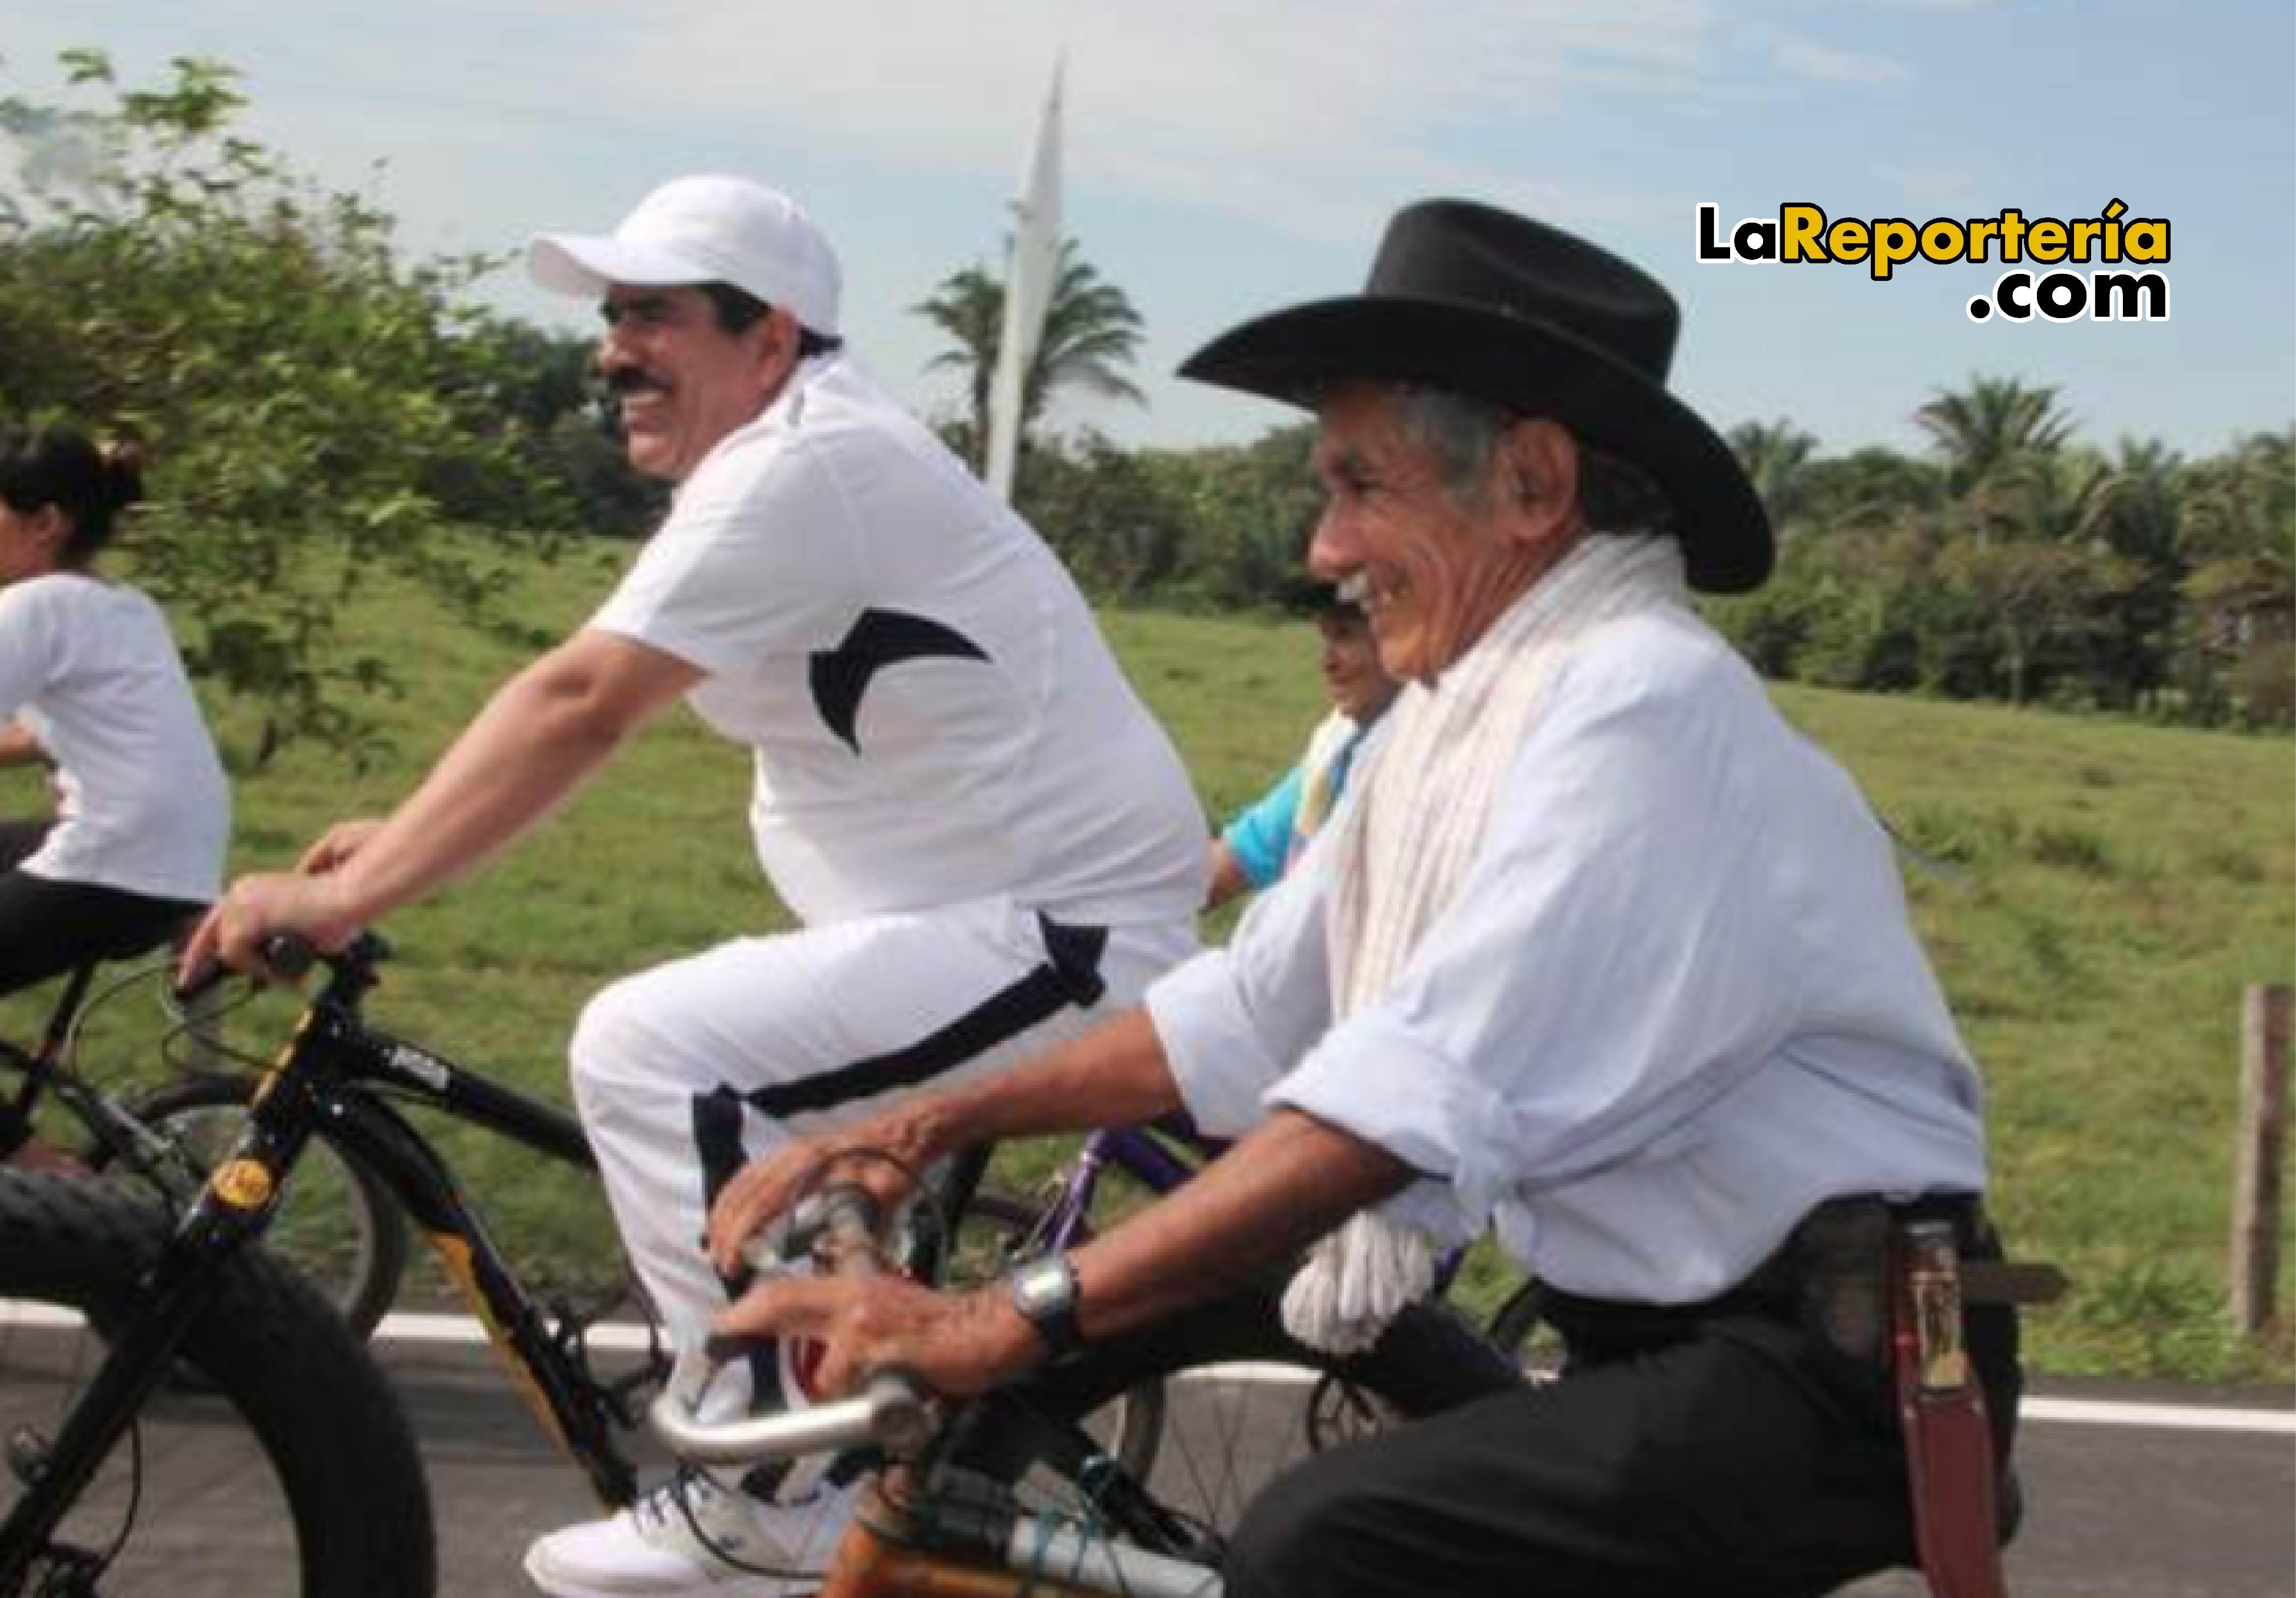 Marco Tulio Ruiz participando de cicloruta.